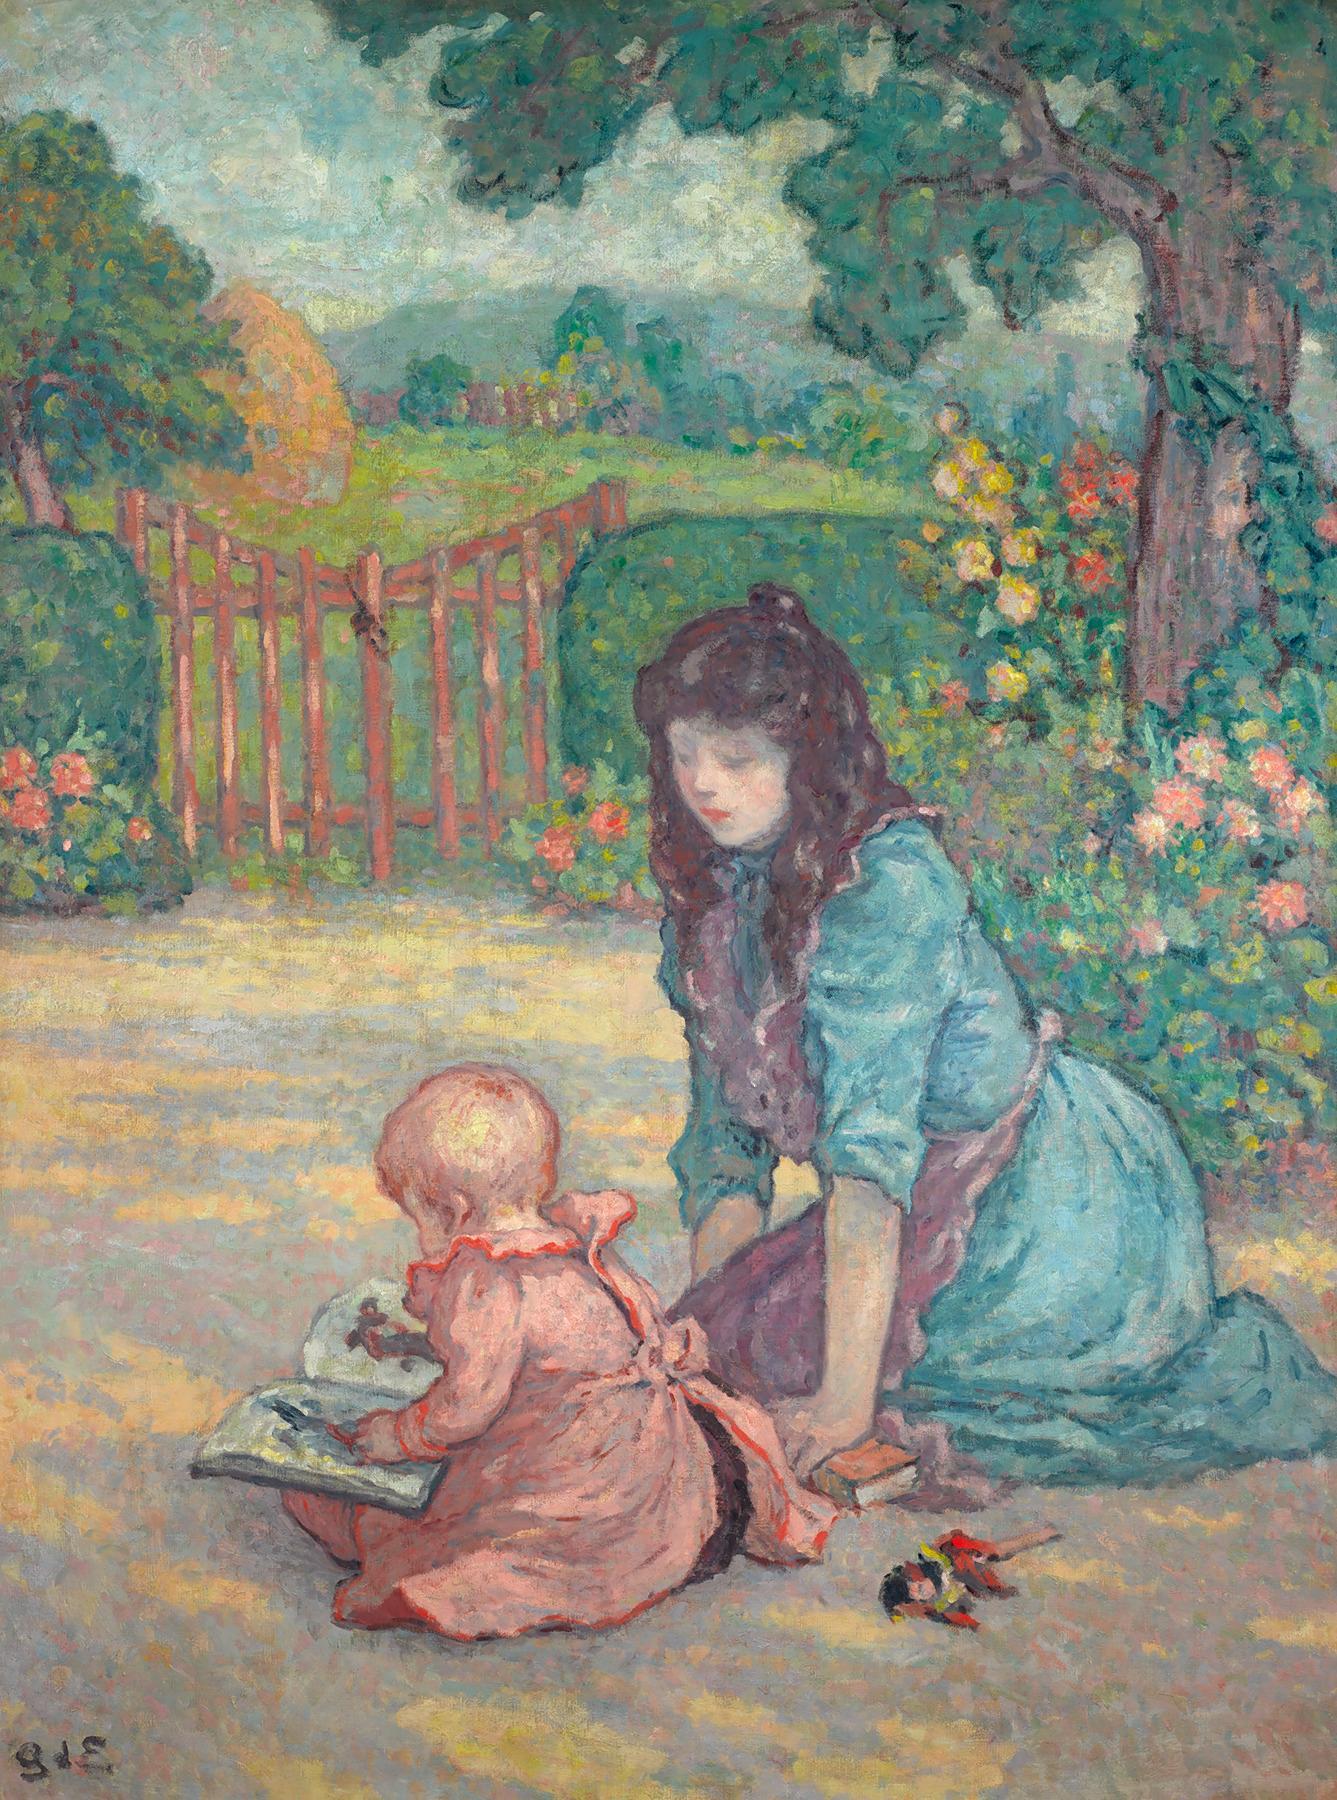 La lecture au jardin (Lesson in the Garden)